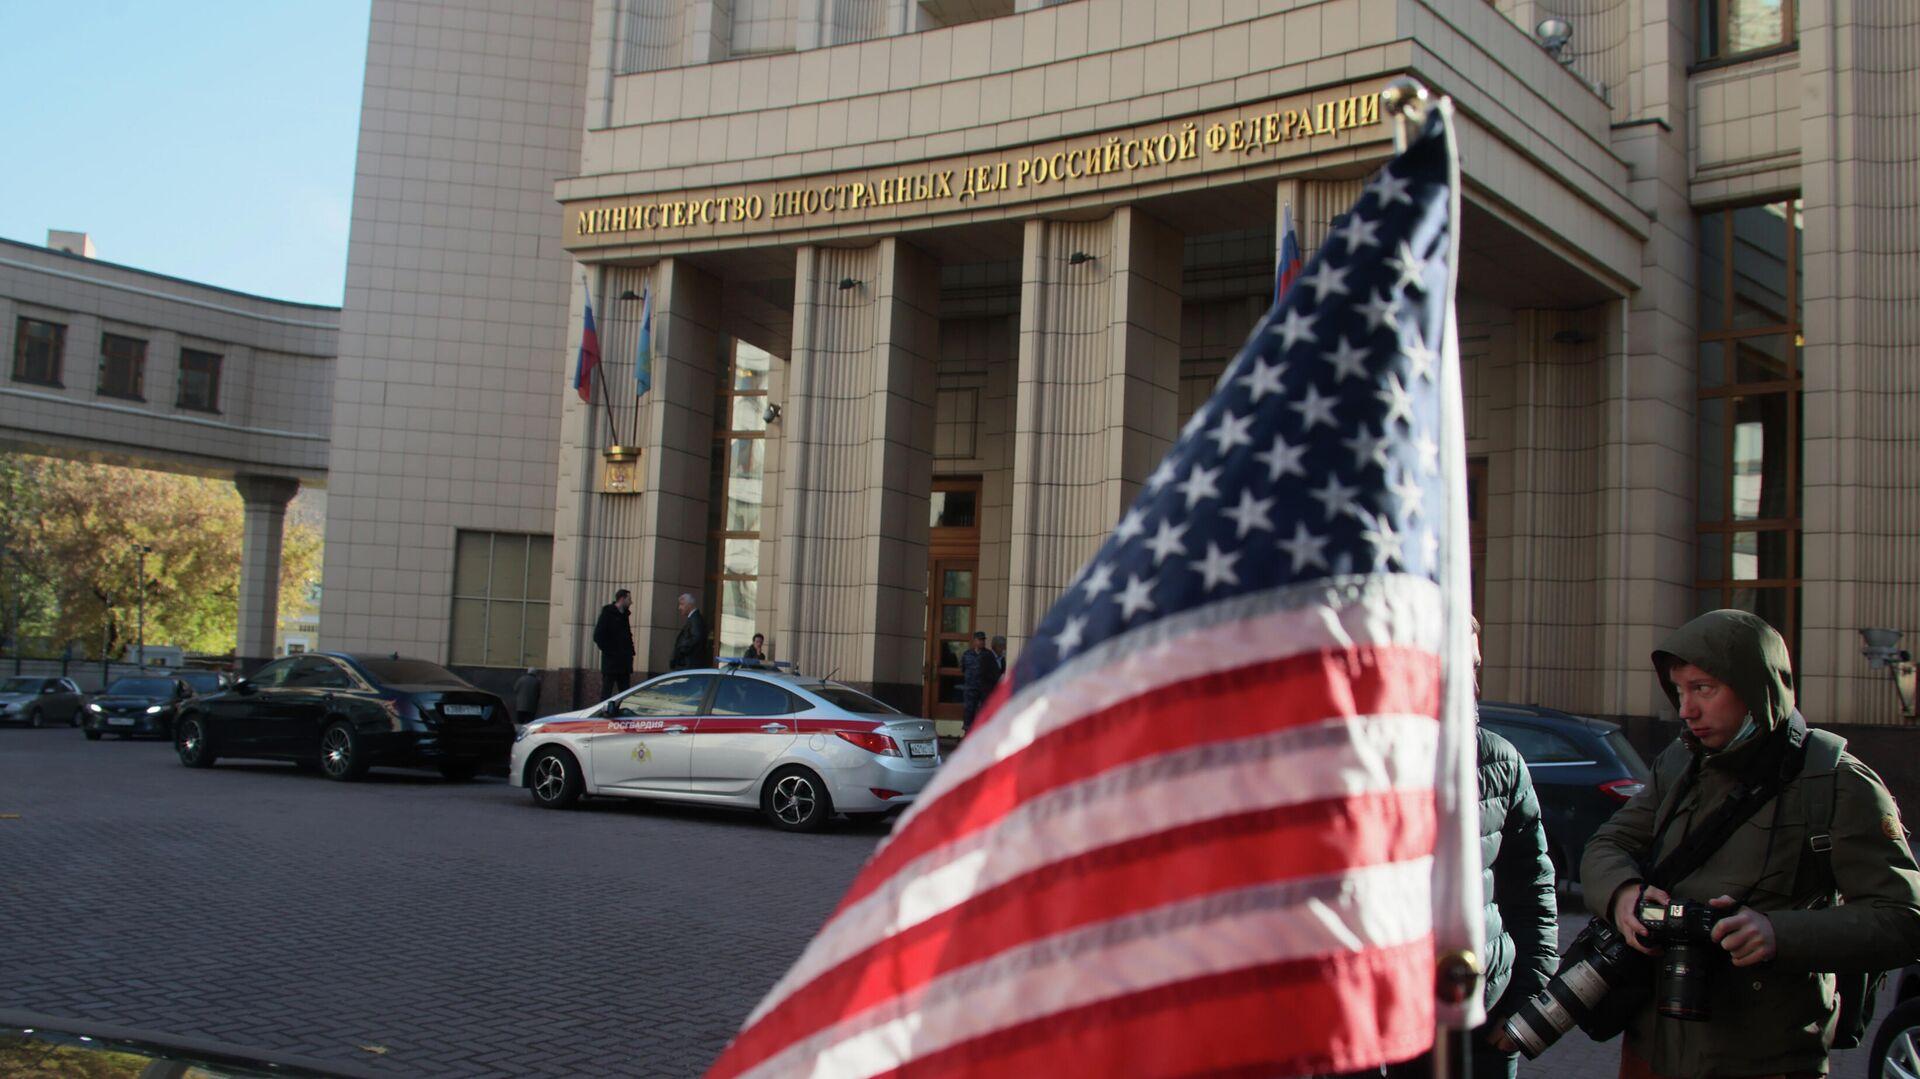 Флаг на автомобиле помощника госсекретаря США Виктории Нуланд у здания МИД РФ - РИА Новости, 1920, 13.10.2021